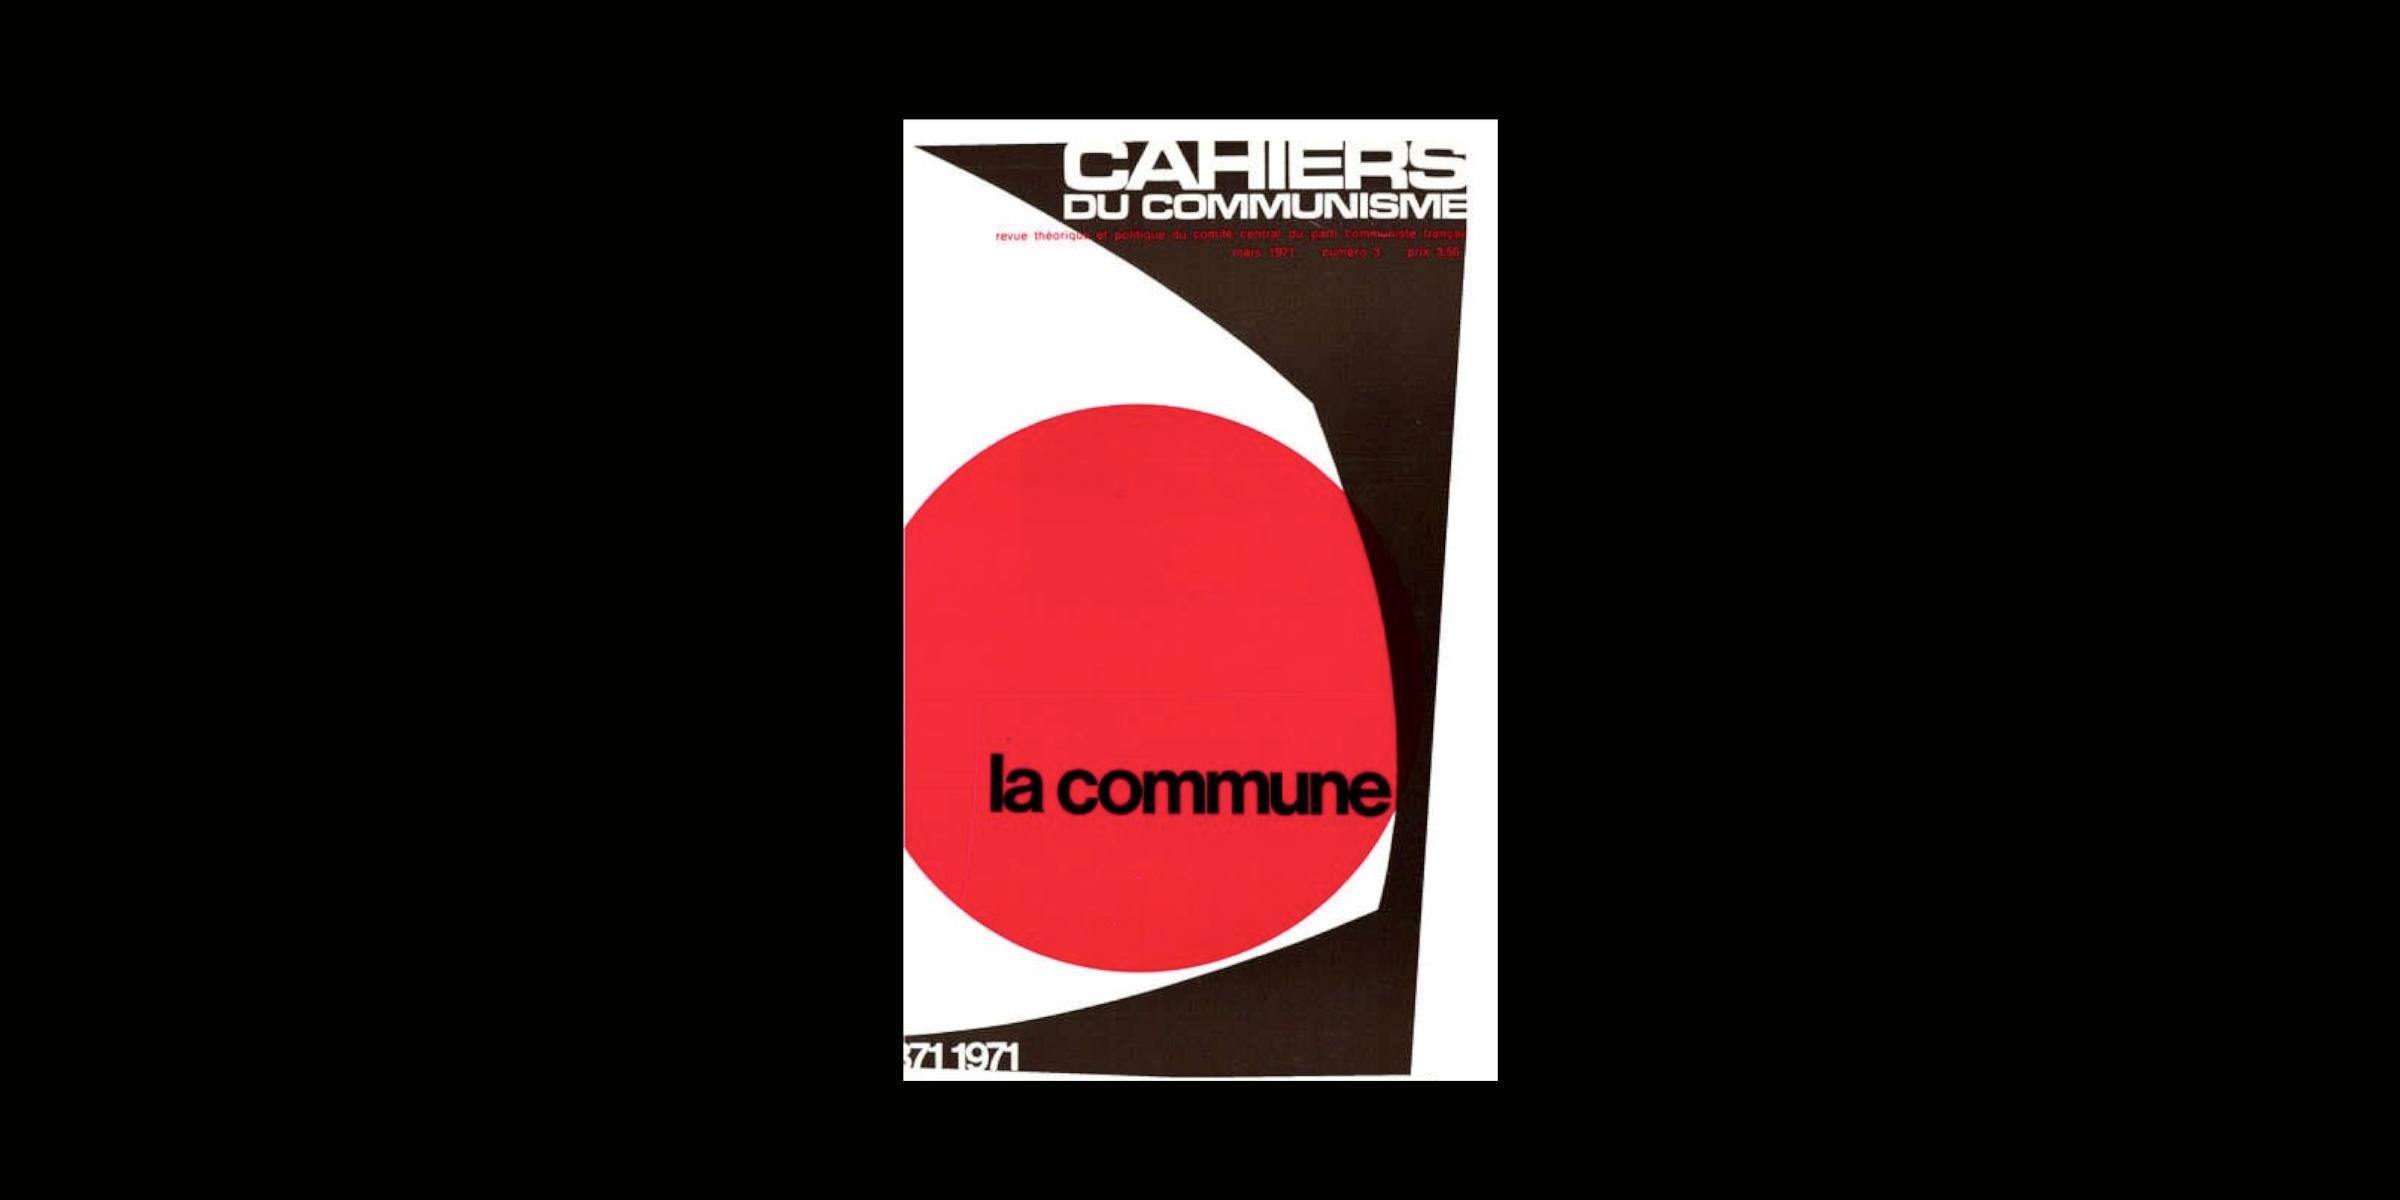 Les cahiers du Communisme